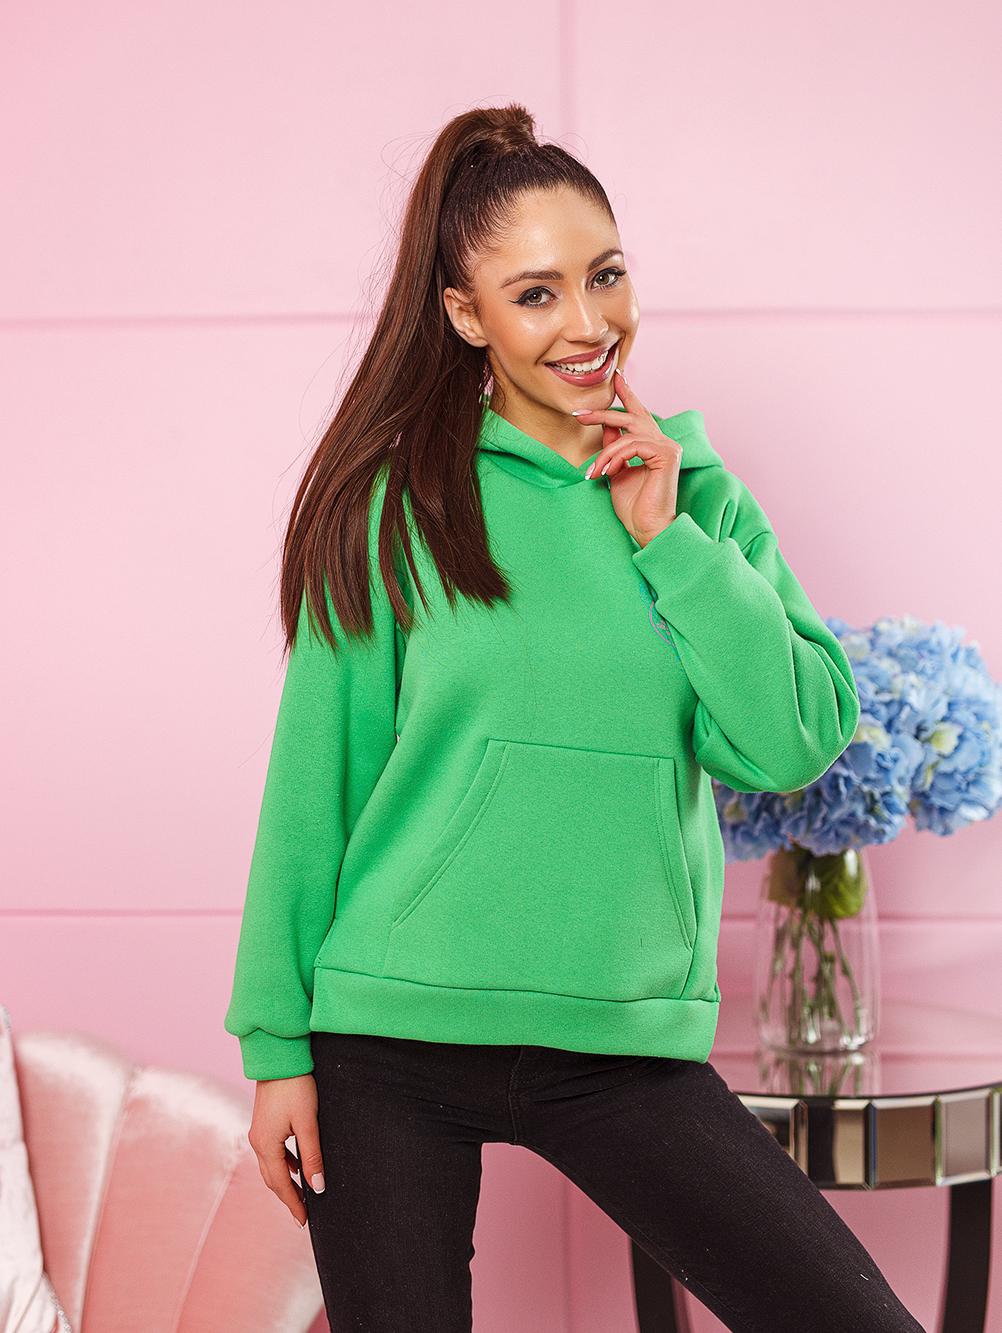 bluza damska bawelniana z zamkami po bokach nadruk na plecach i na piersi zielona (3)